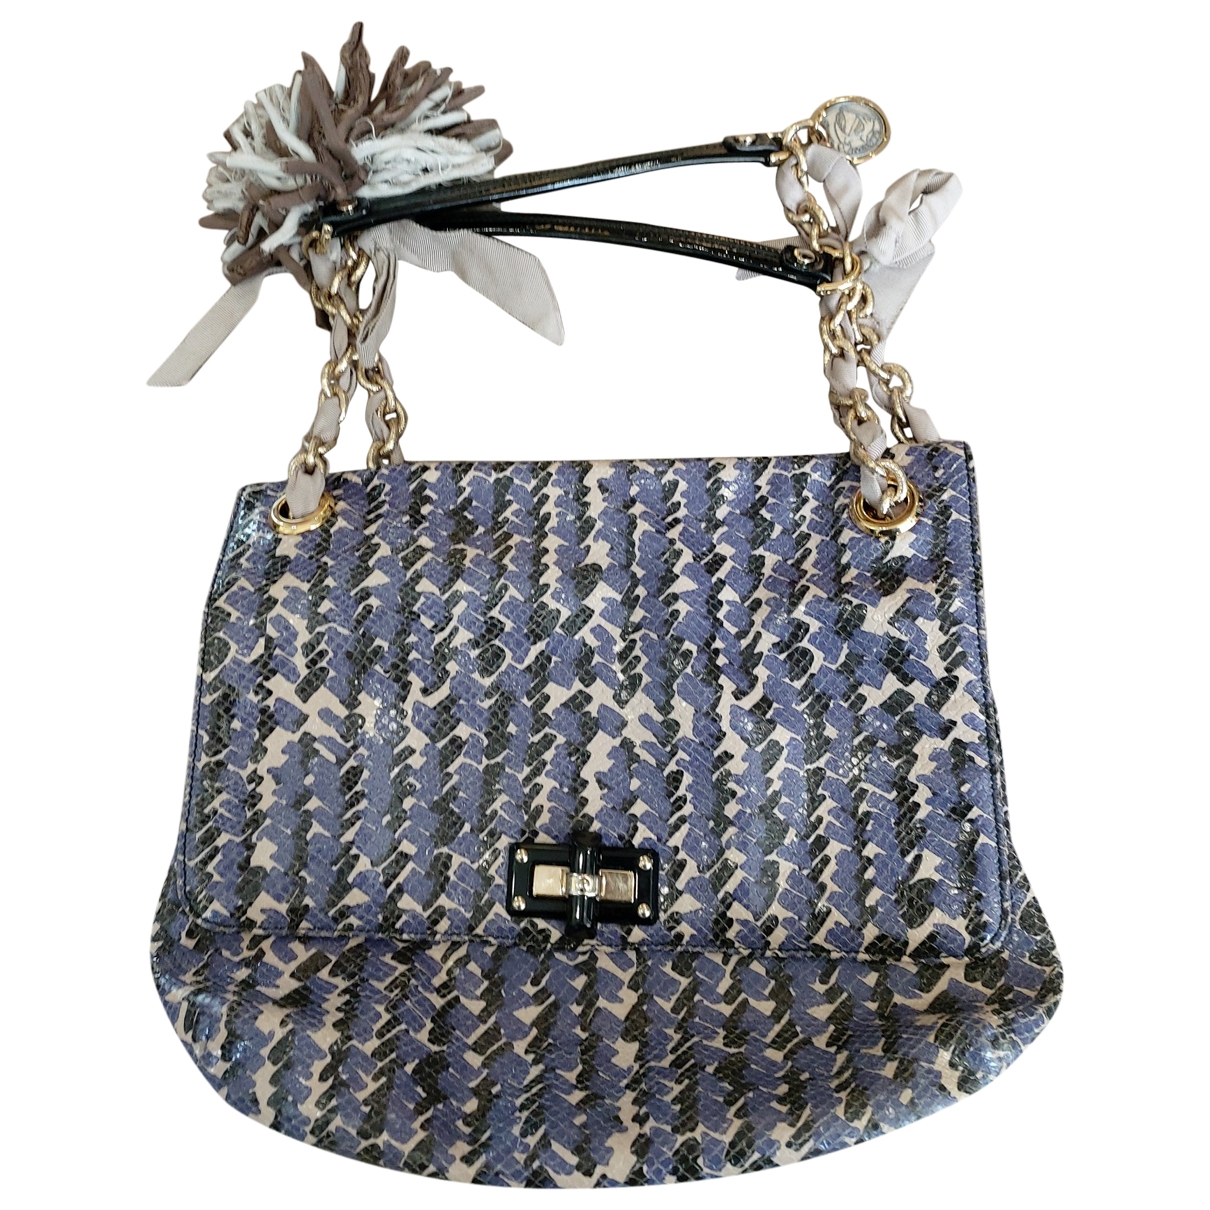 Lanvin - Sac a main   pour femme en python - violet